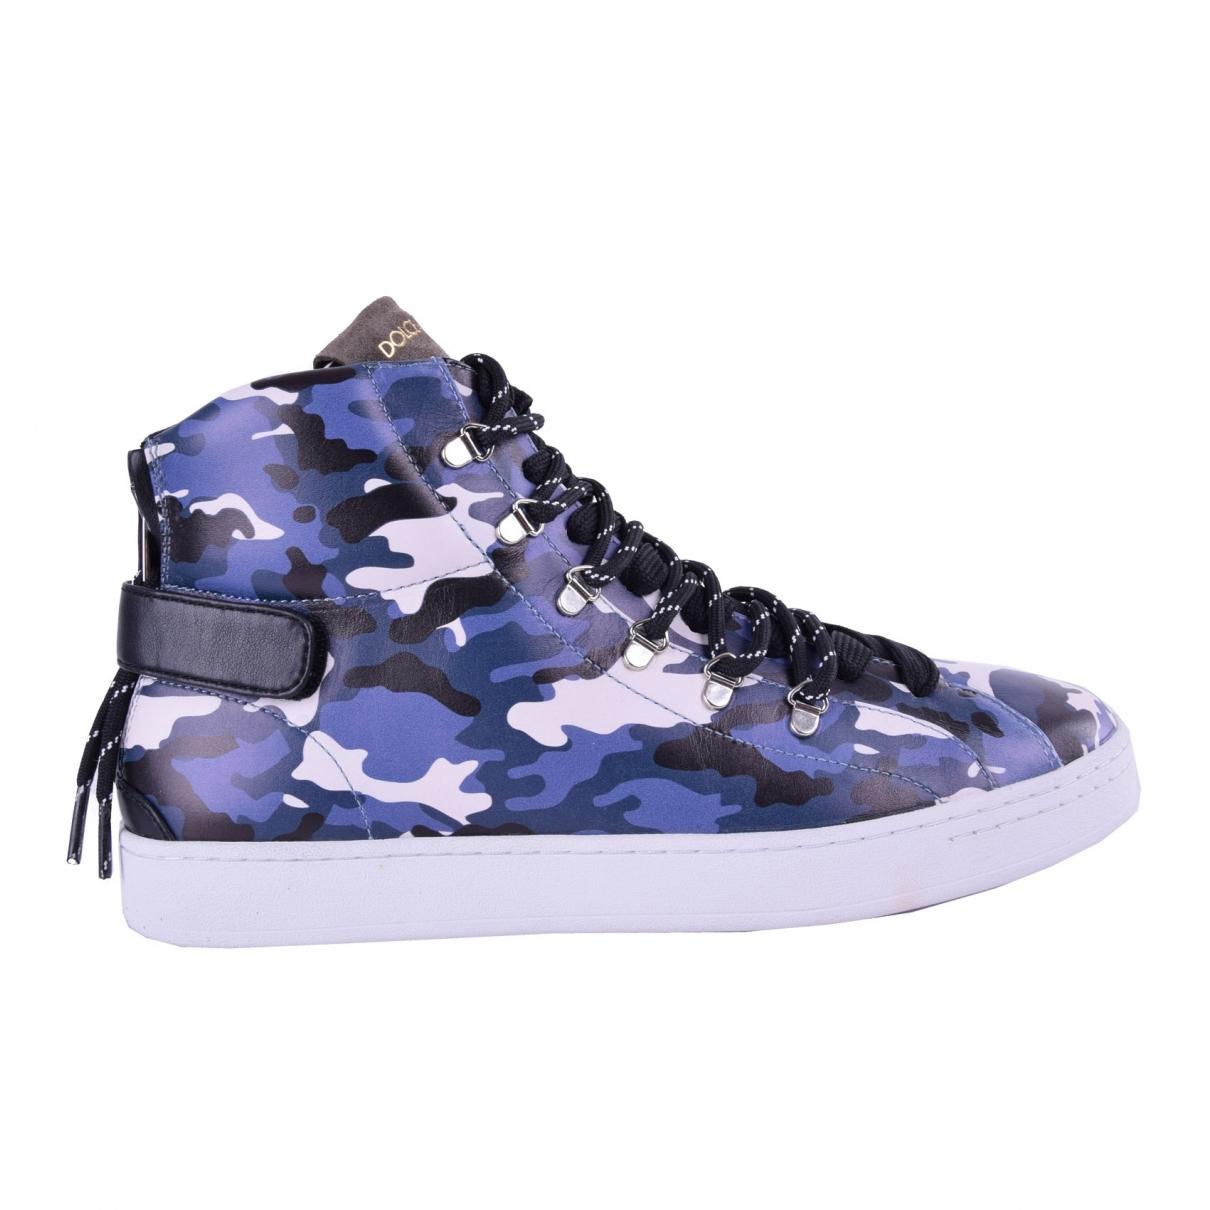 Dolce & Gabbana - Baskets   pour homme en cuir - bleu